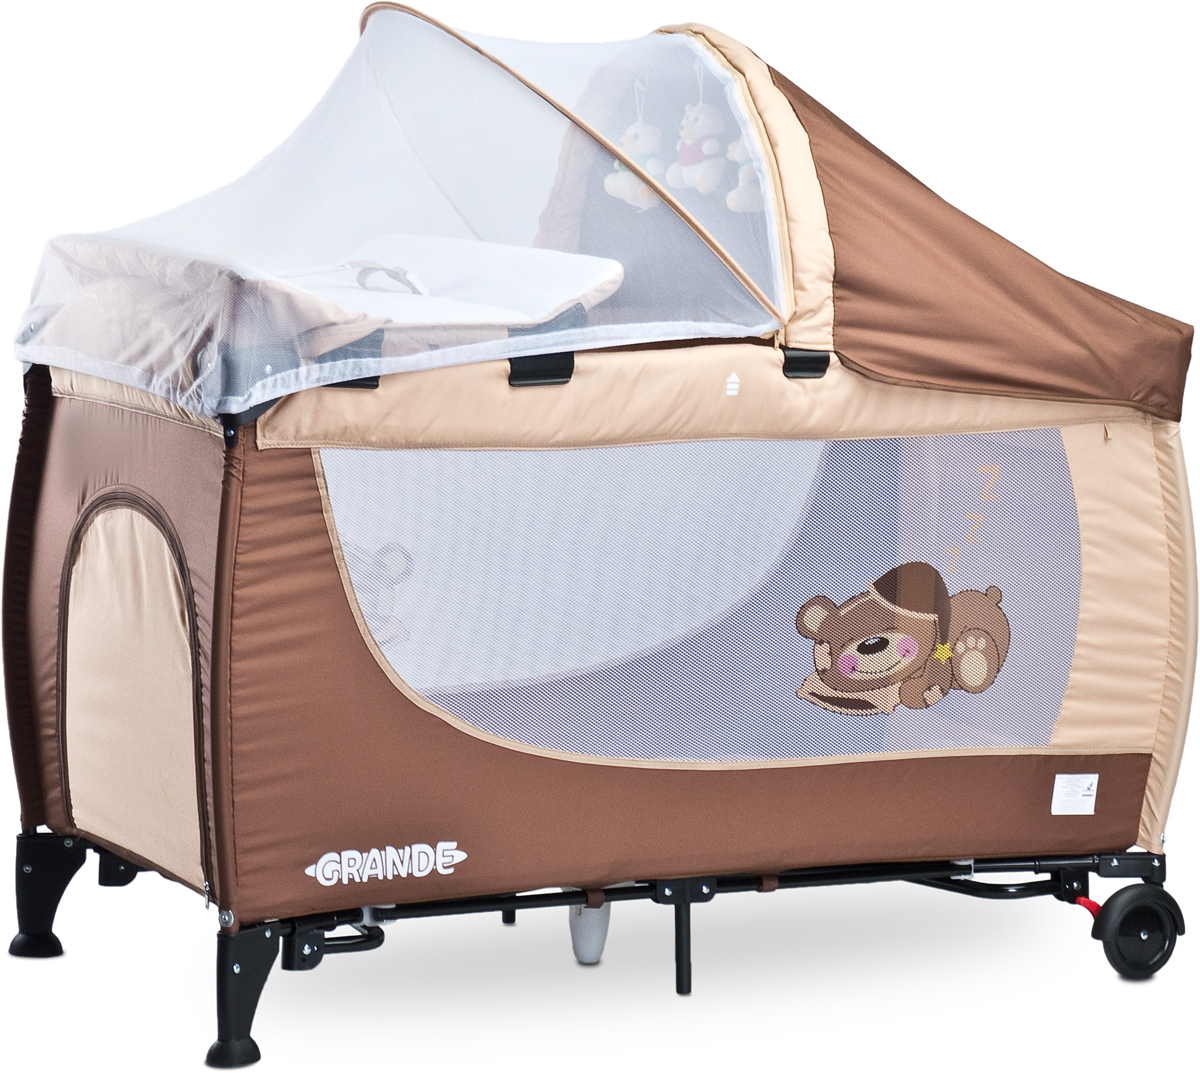 Caretero Манеж-кроватка Grande цвет коричневый - Детская комната